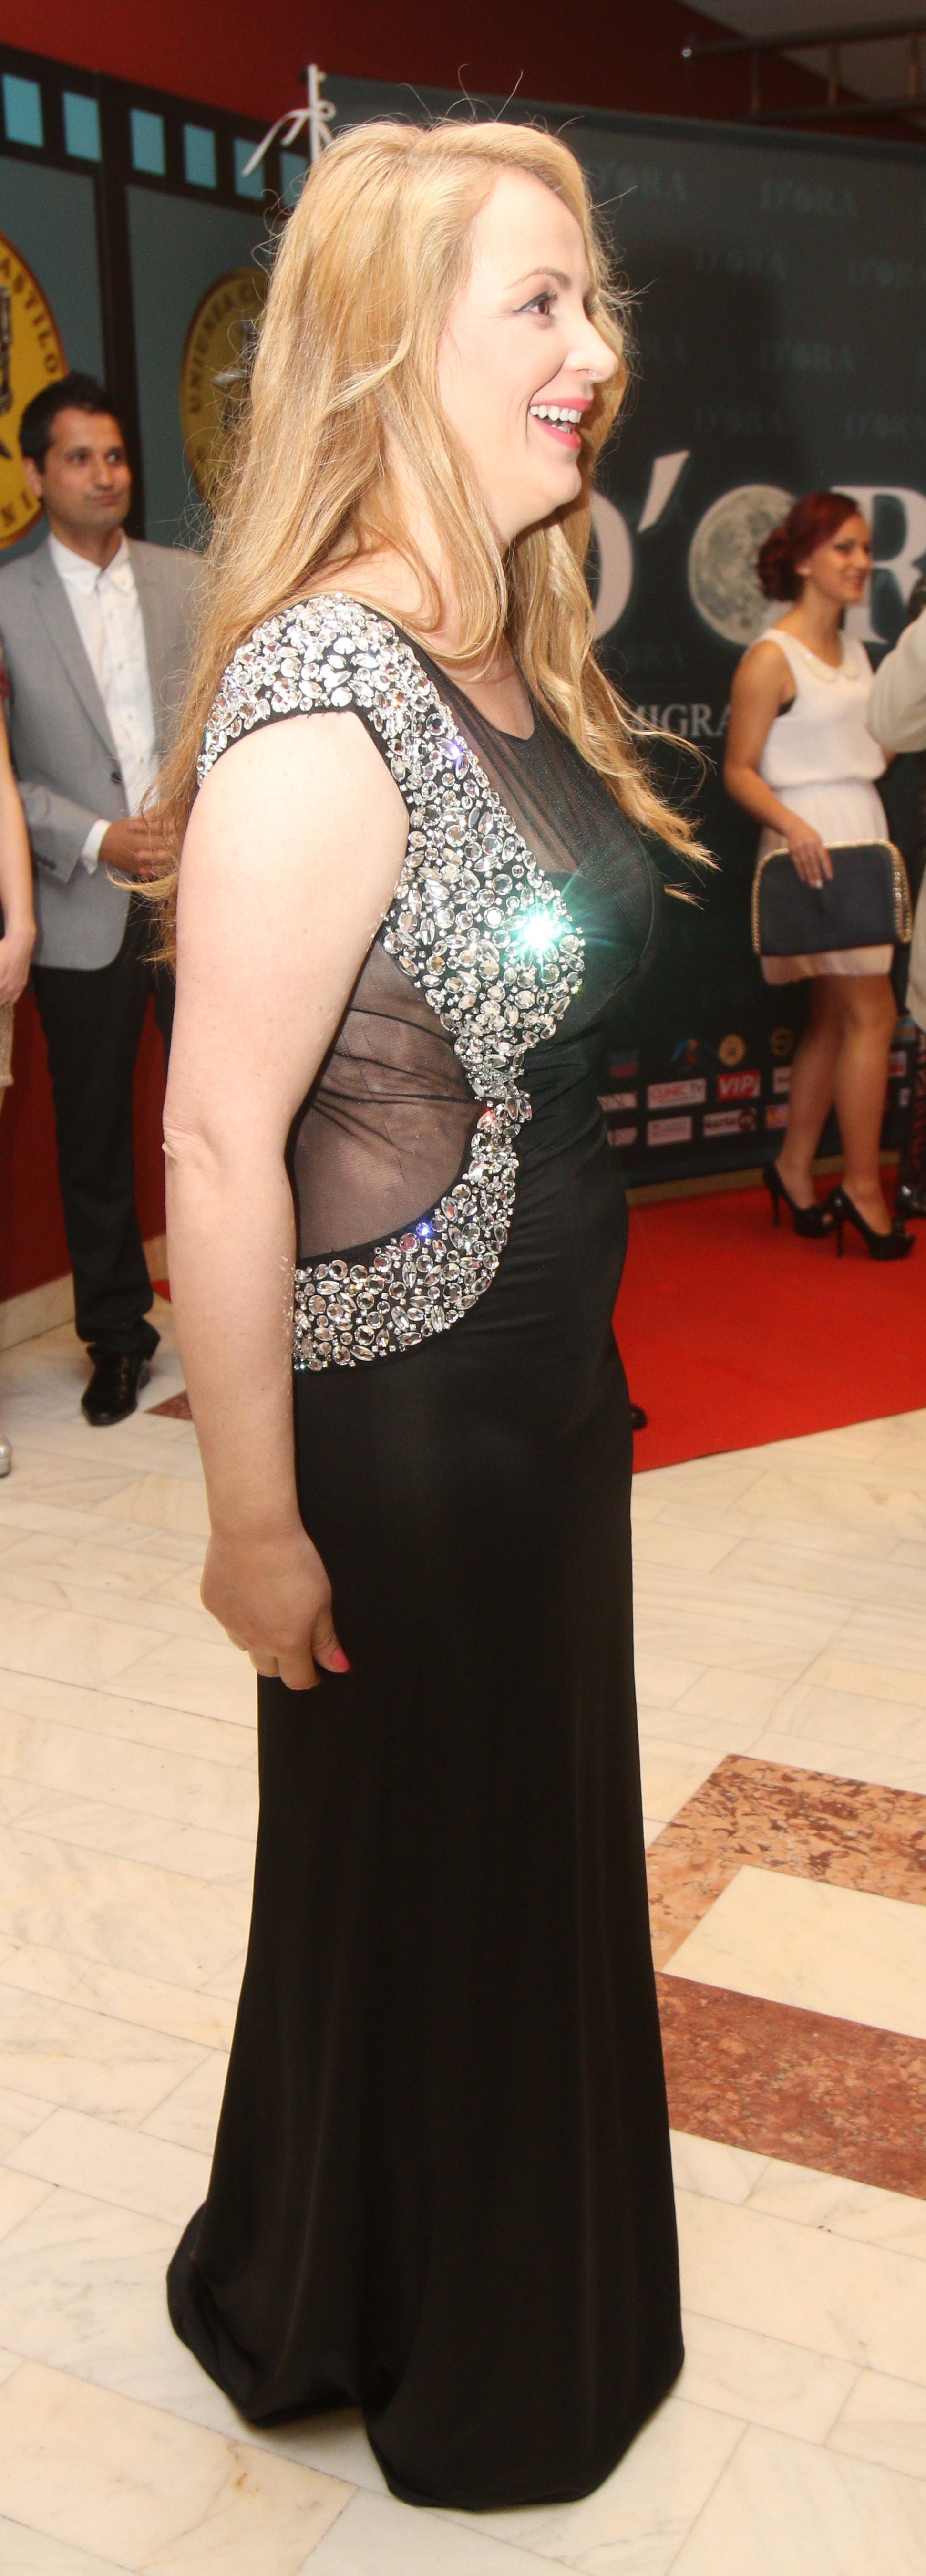 Delia Antal a imbracat o rochie transparenta la lansarea filmului ei